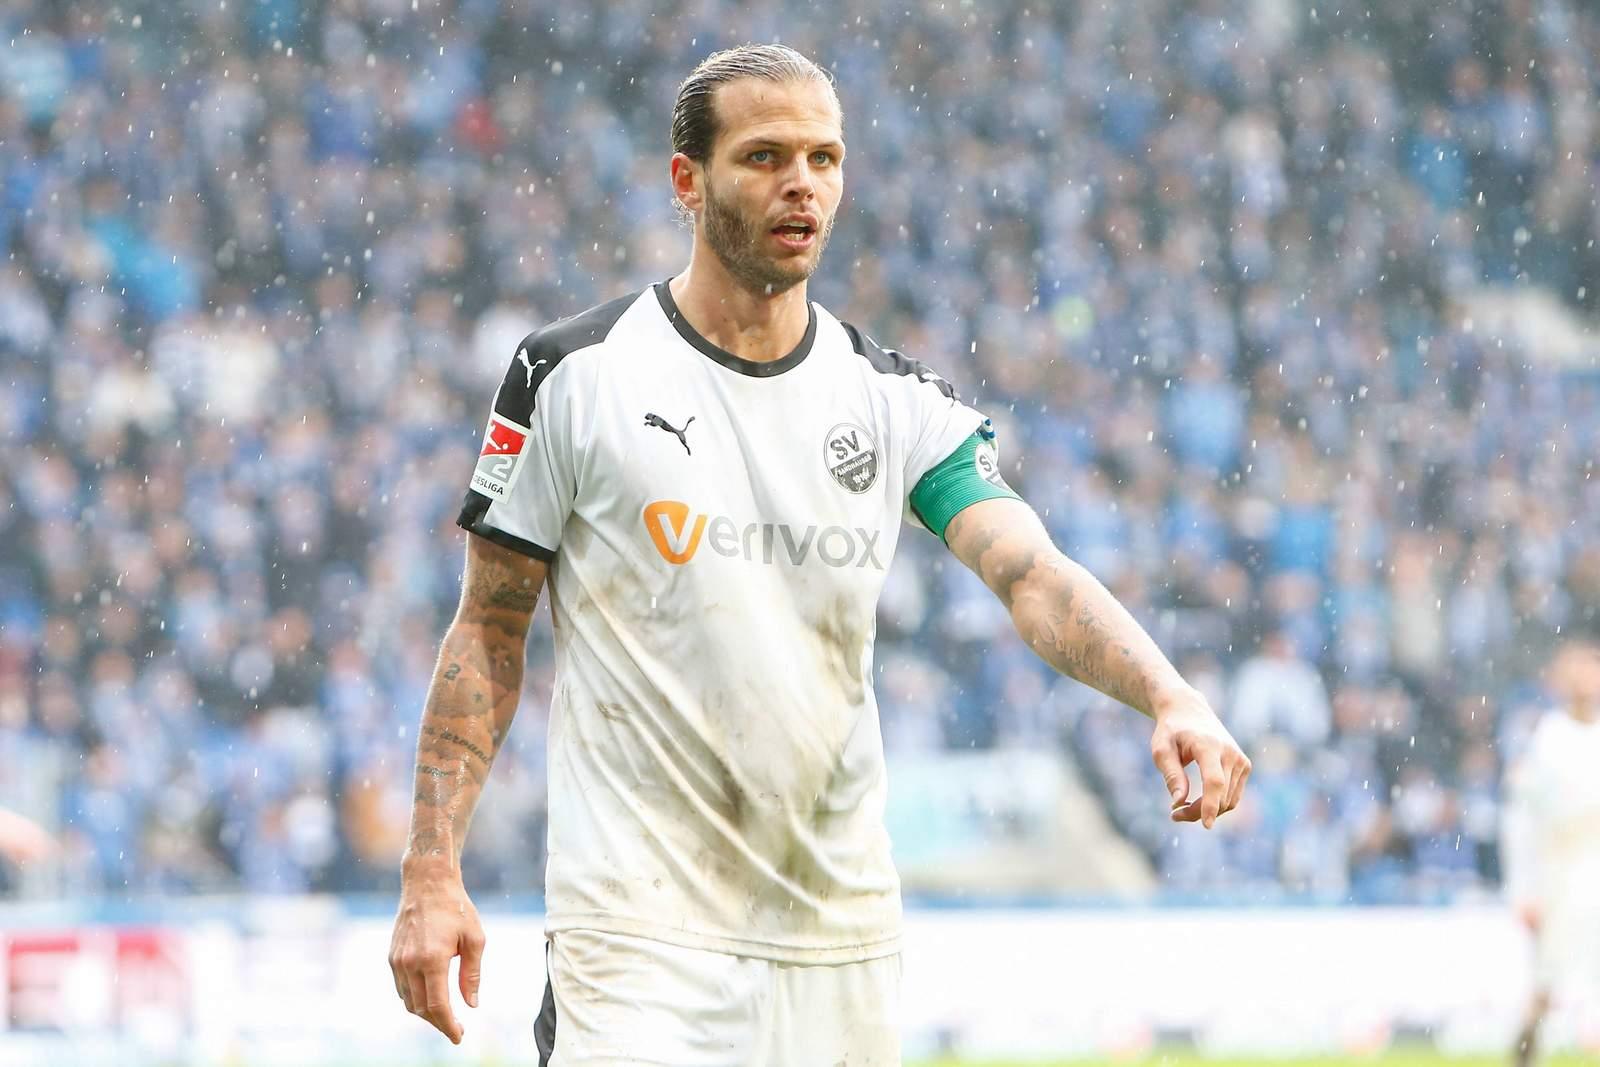 Dennis Diekmeier im Spiel gegen Magdeburg